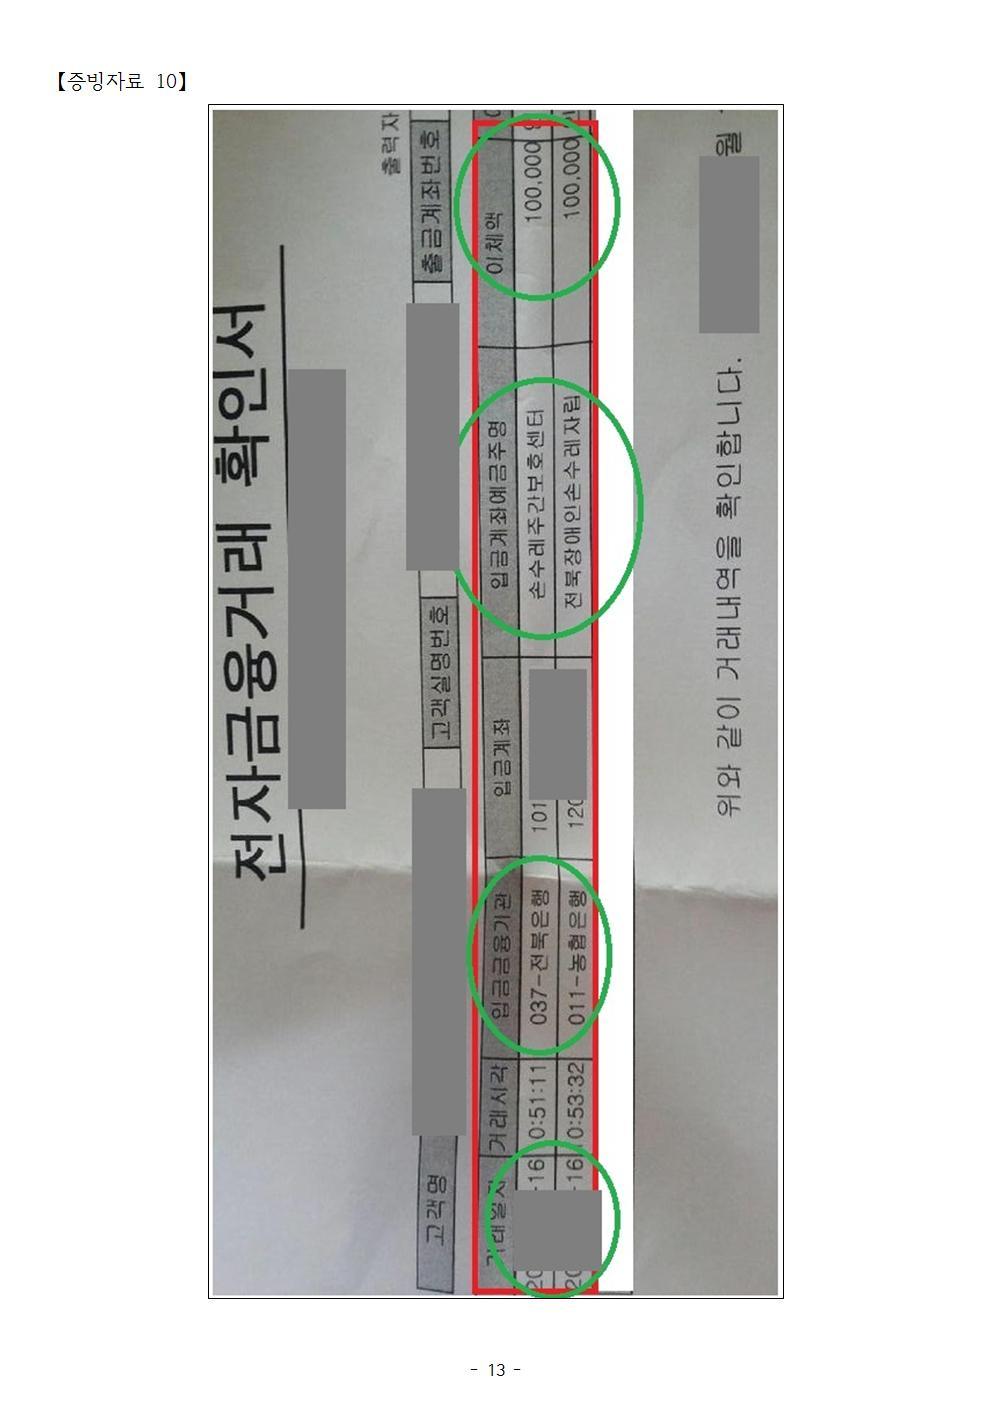 2013년 12월 31일 전주시(전북도), 손수레주간보호센터 신고에서 수리까지 모두 당일에 OK013.jpg